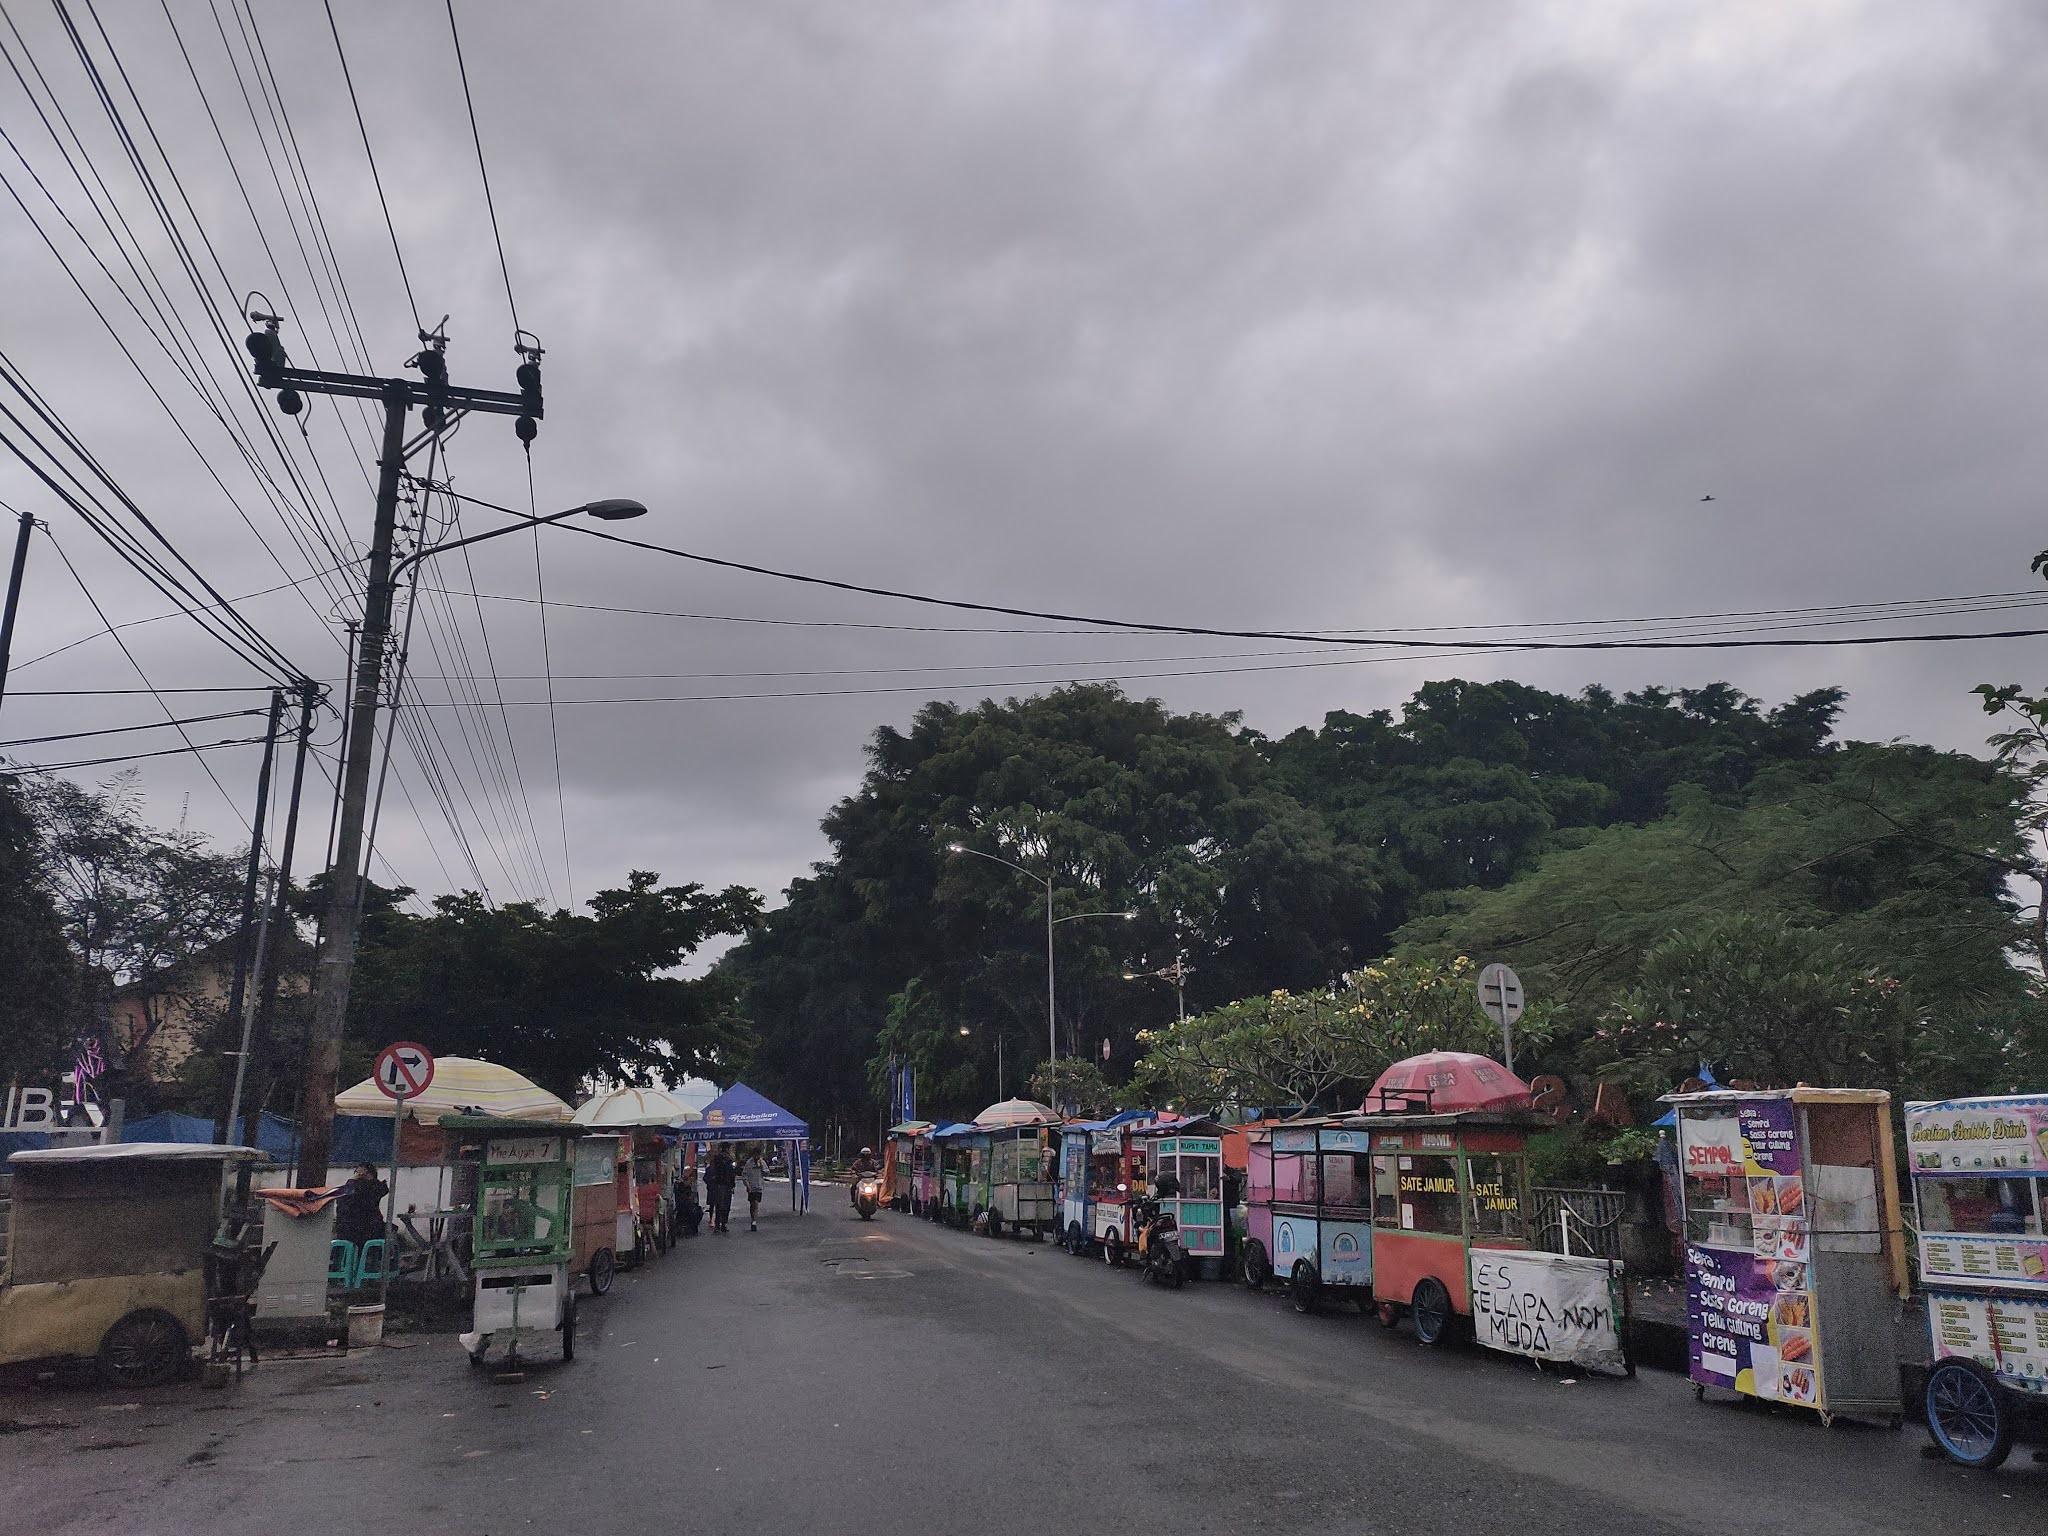 Asal Ditata Rapi, PKL Bisa menjadi Daya Tarik Pariwisata Di Wonosobo